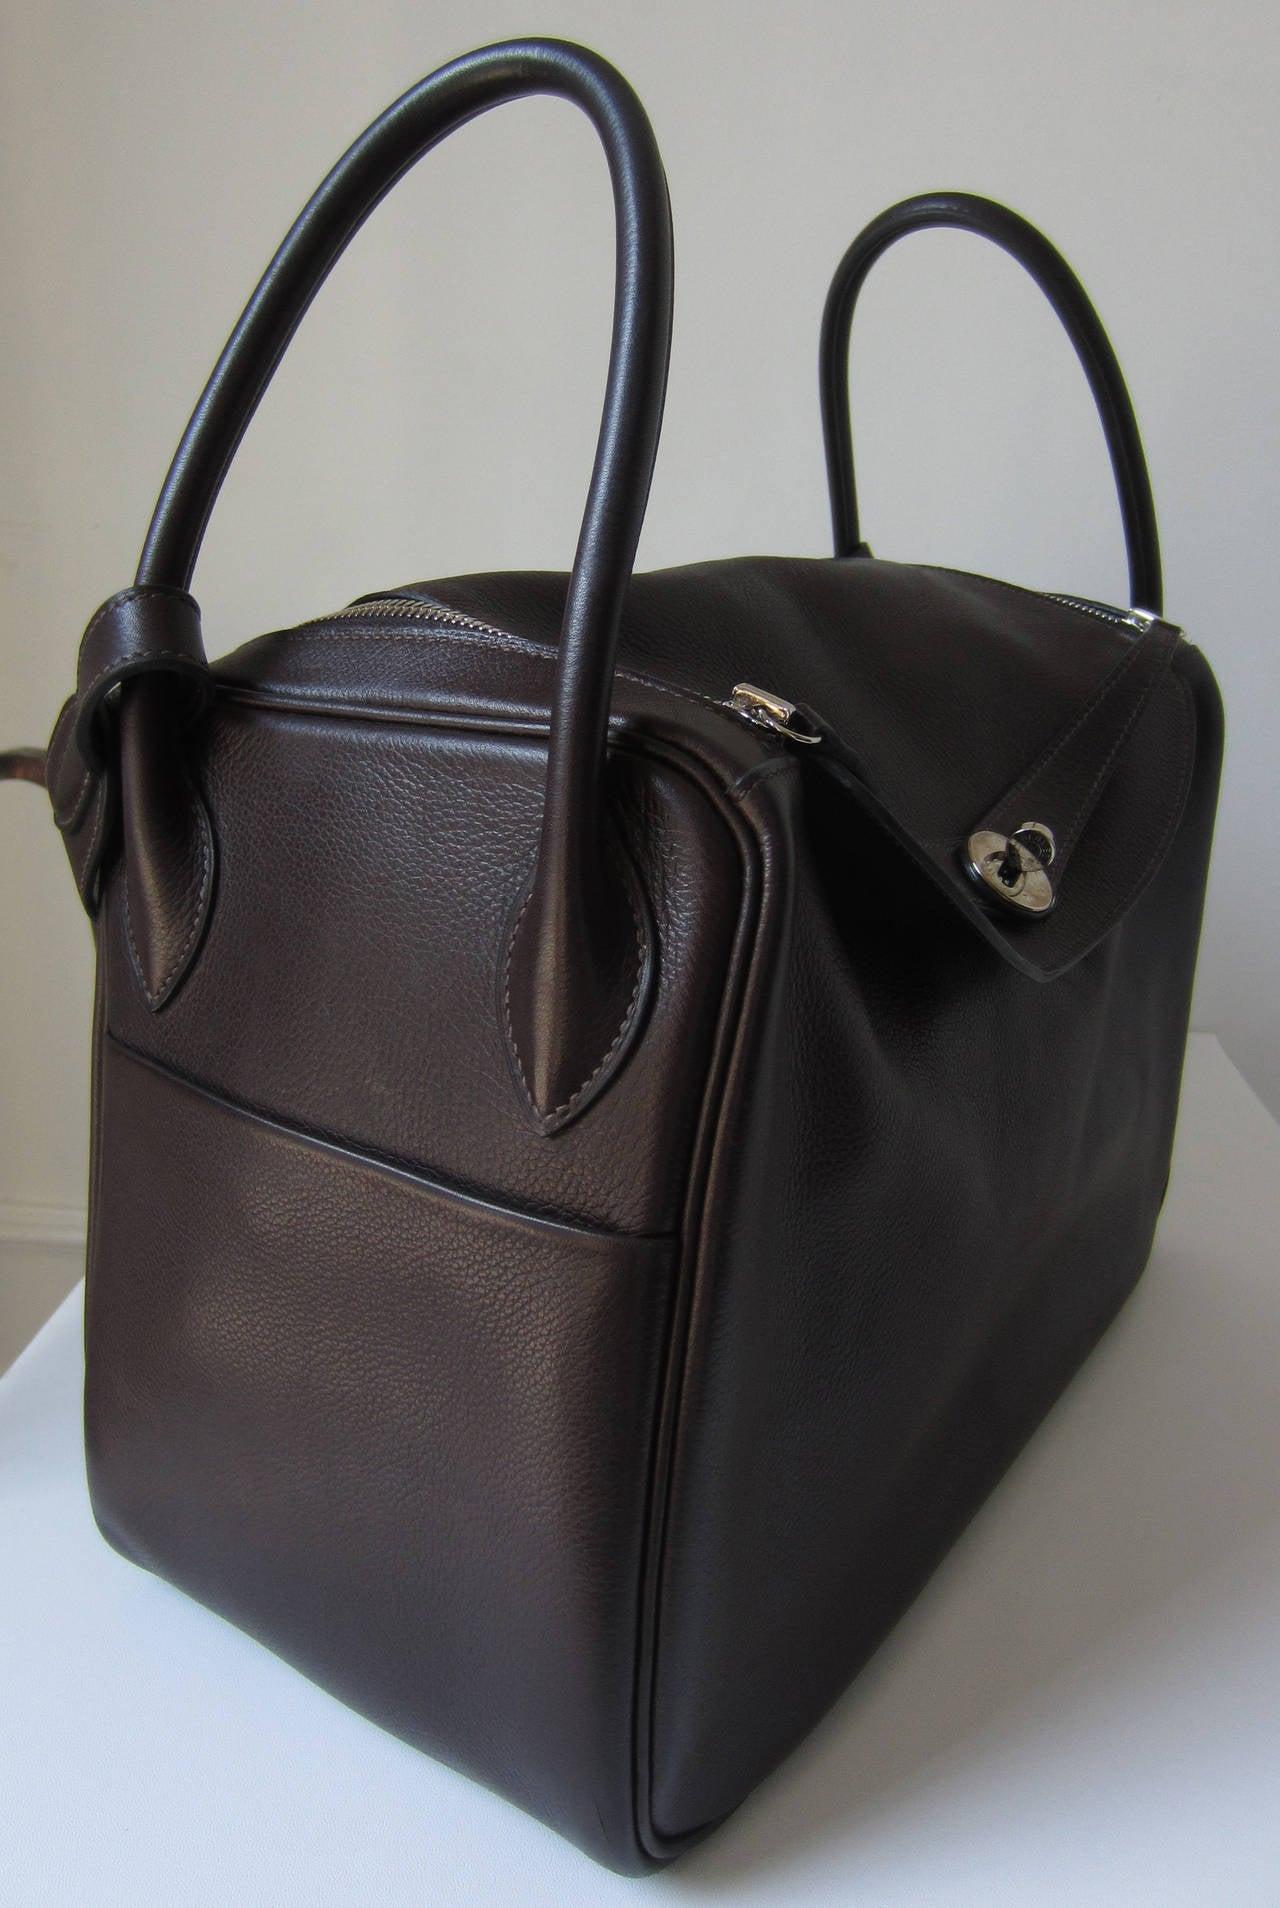 hermes constance bag - Hermes Lindy 30 Clemence For Sale at 1stdibs